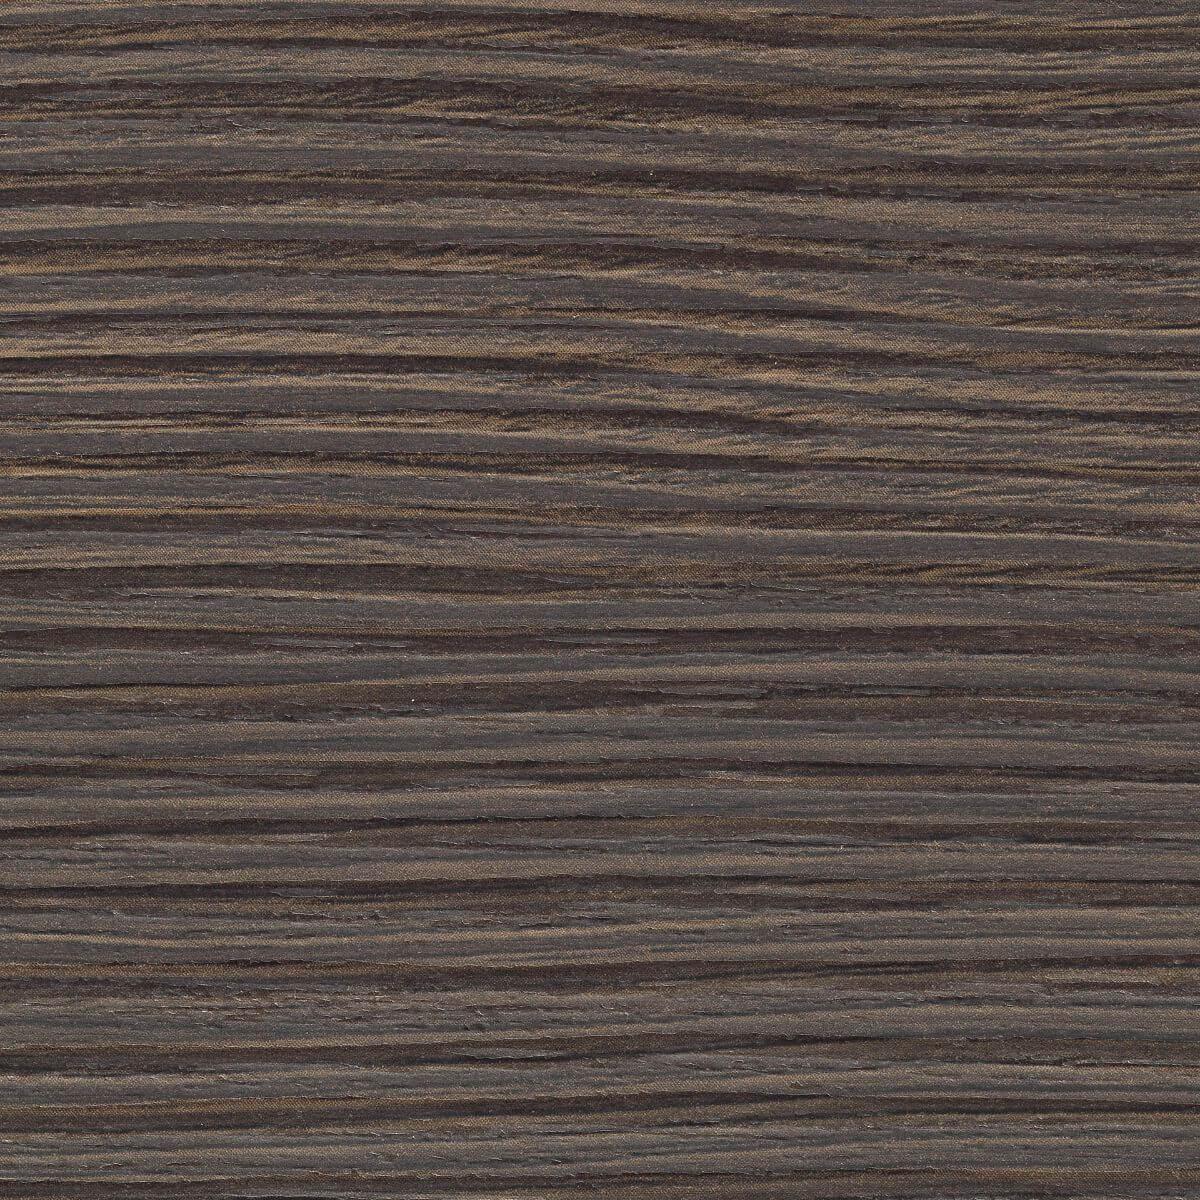 Finitura legno oregon pine matrix per parete in vetro